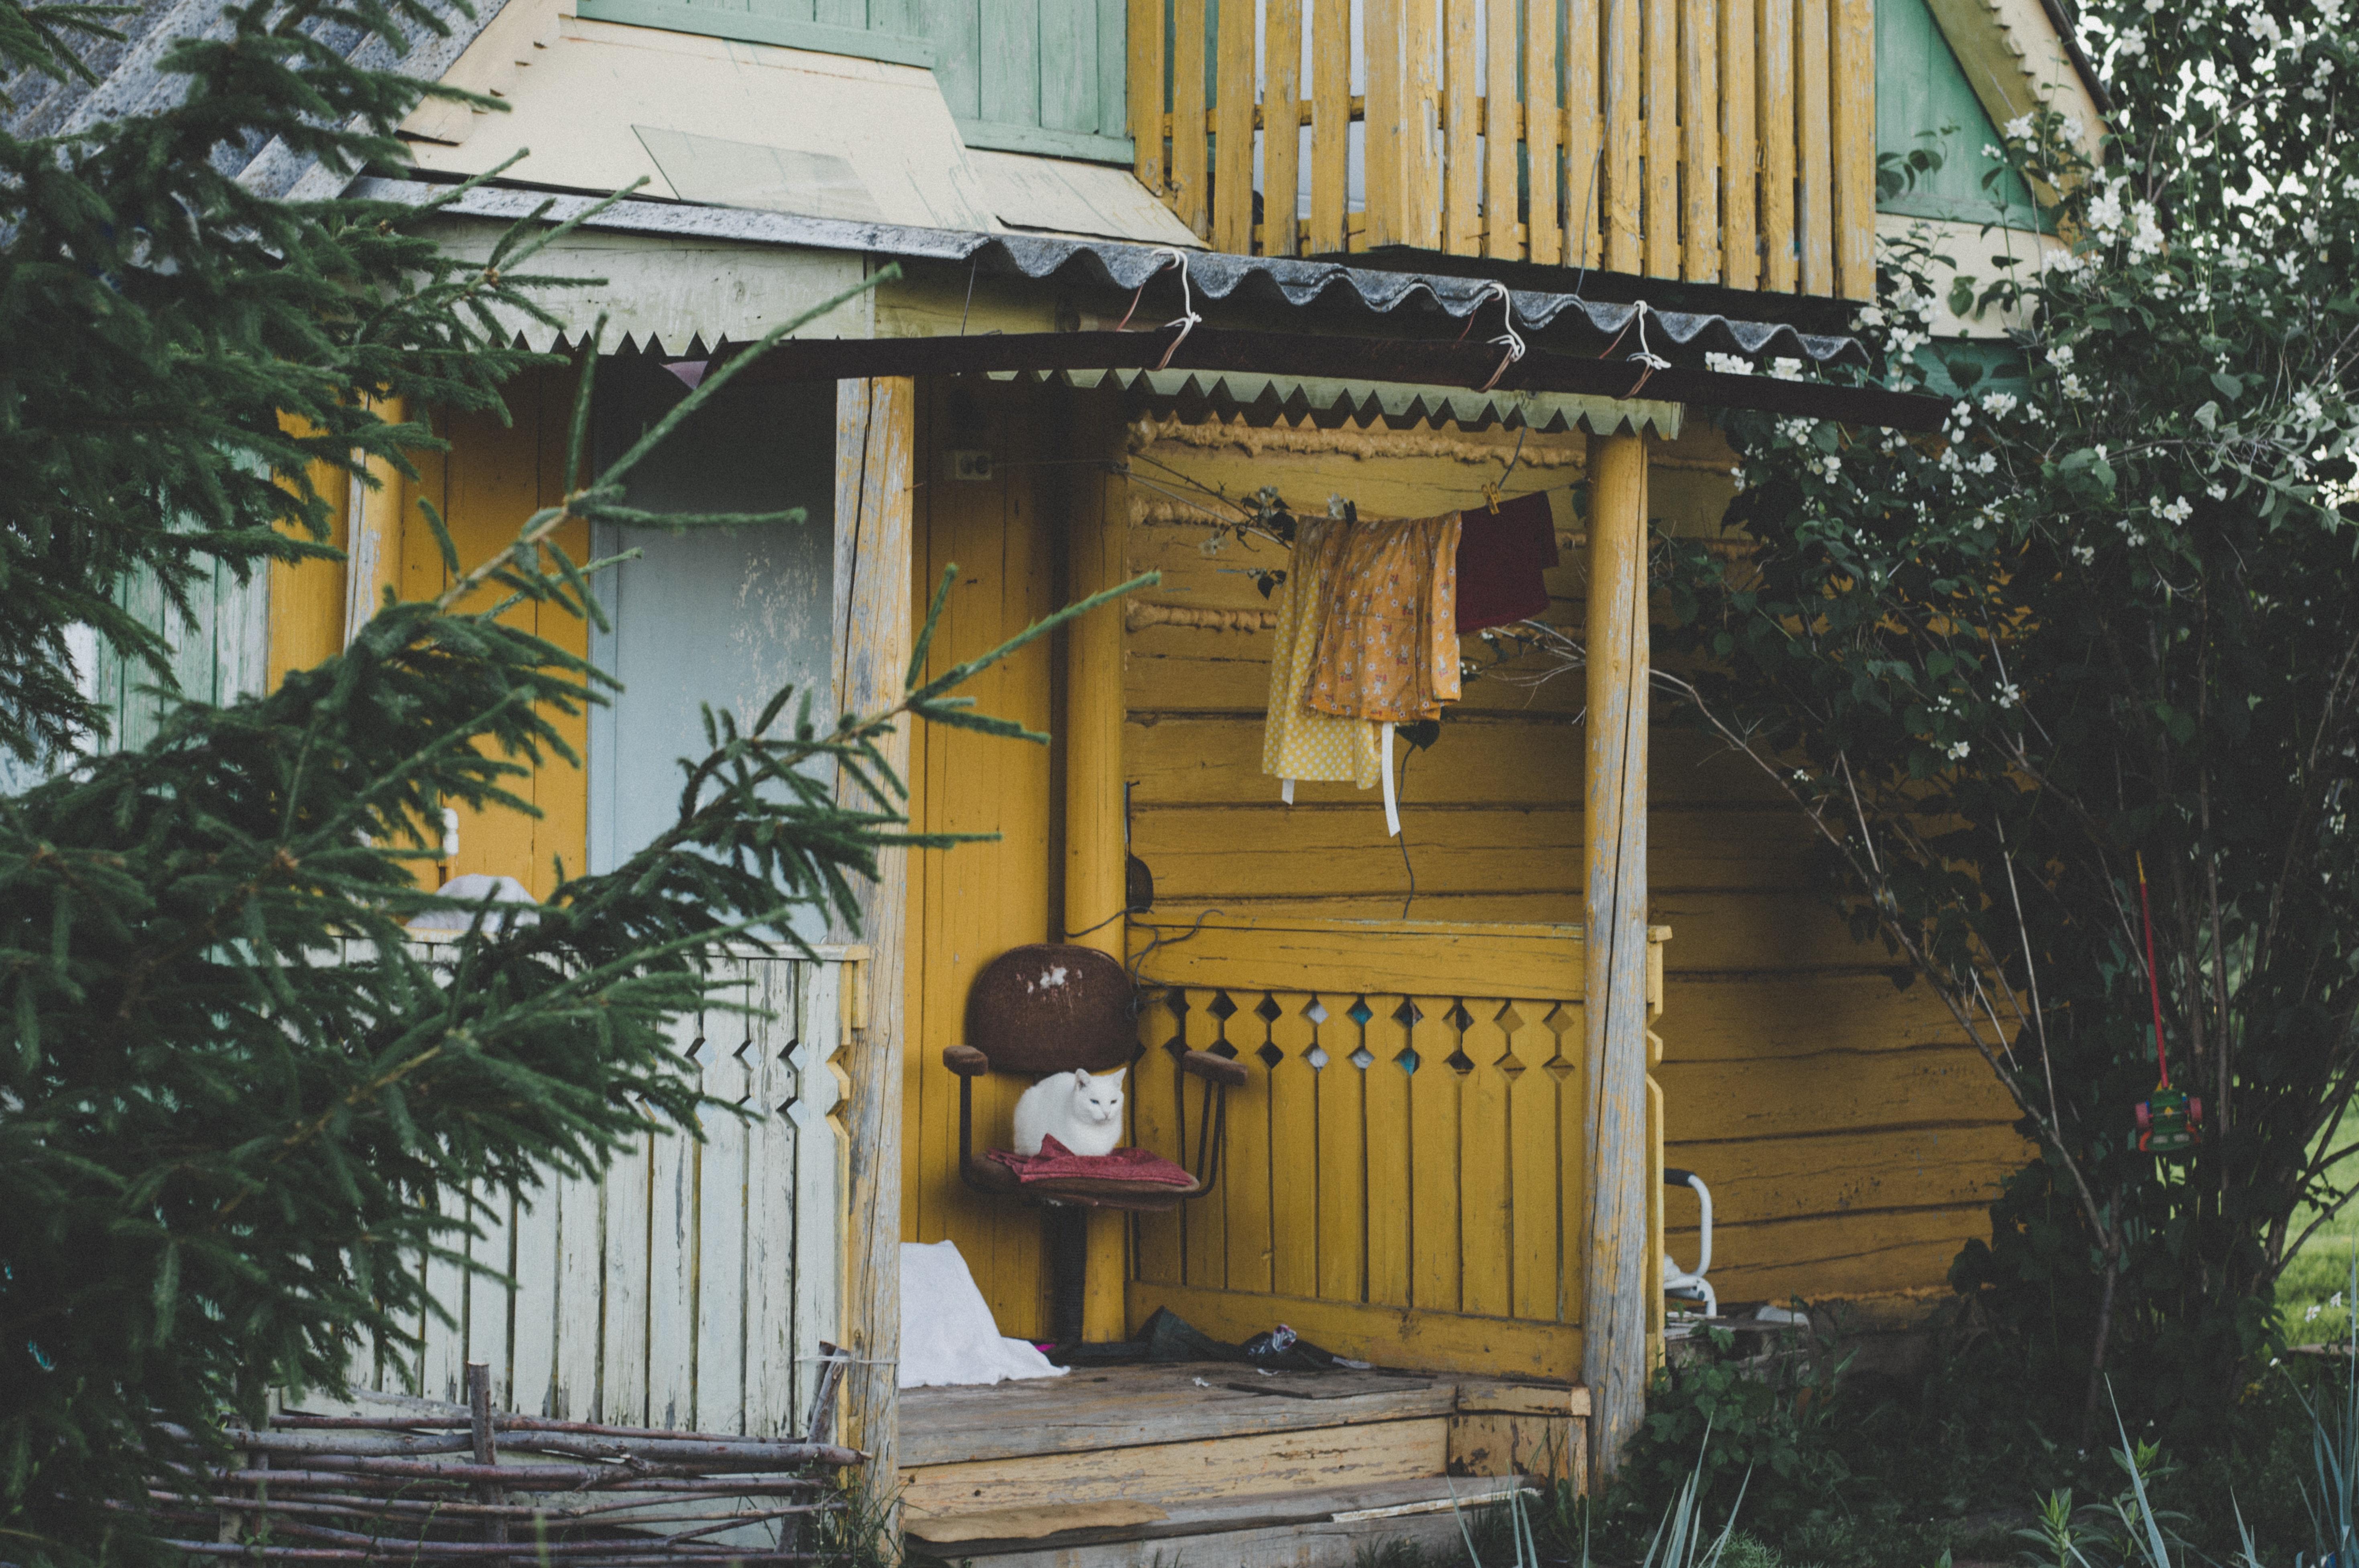 Houten Stoel Tuin : Gratis afbeeldingen : architectuur bungalow kat stoel daglicht